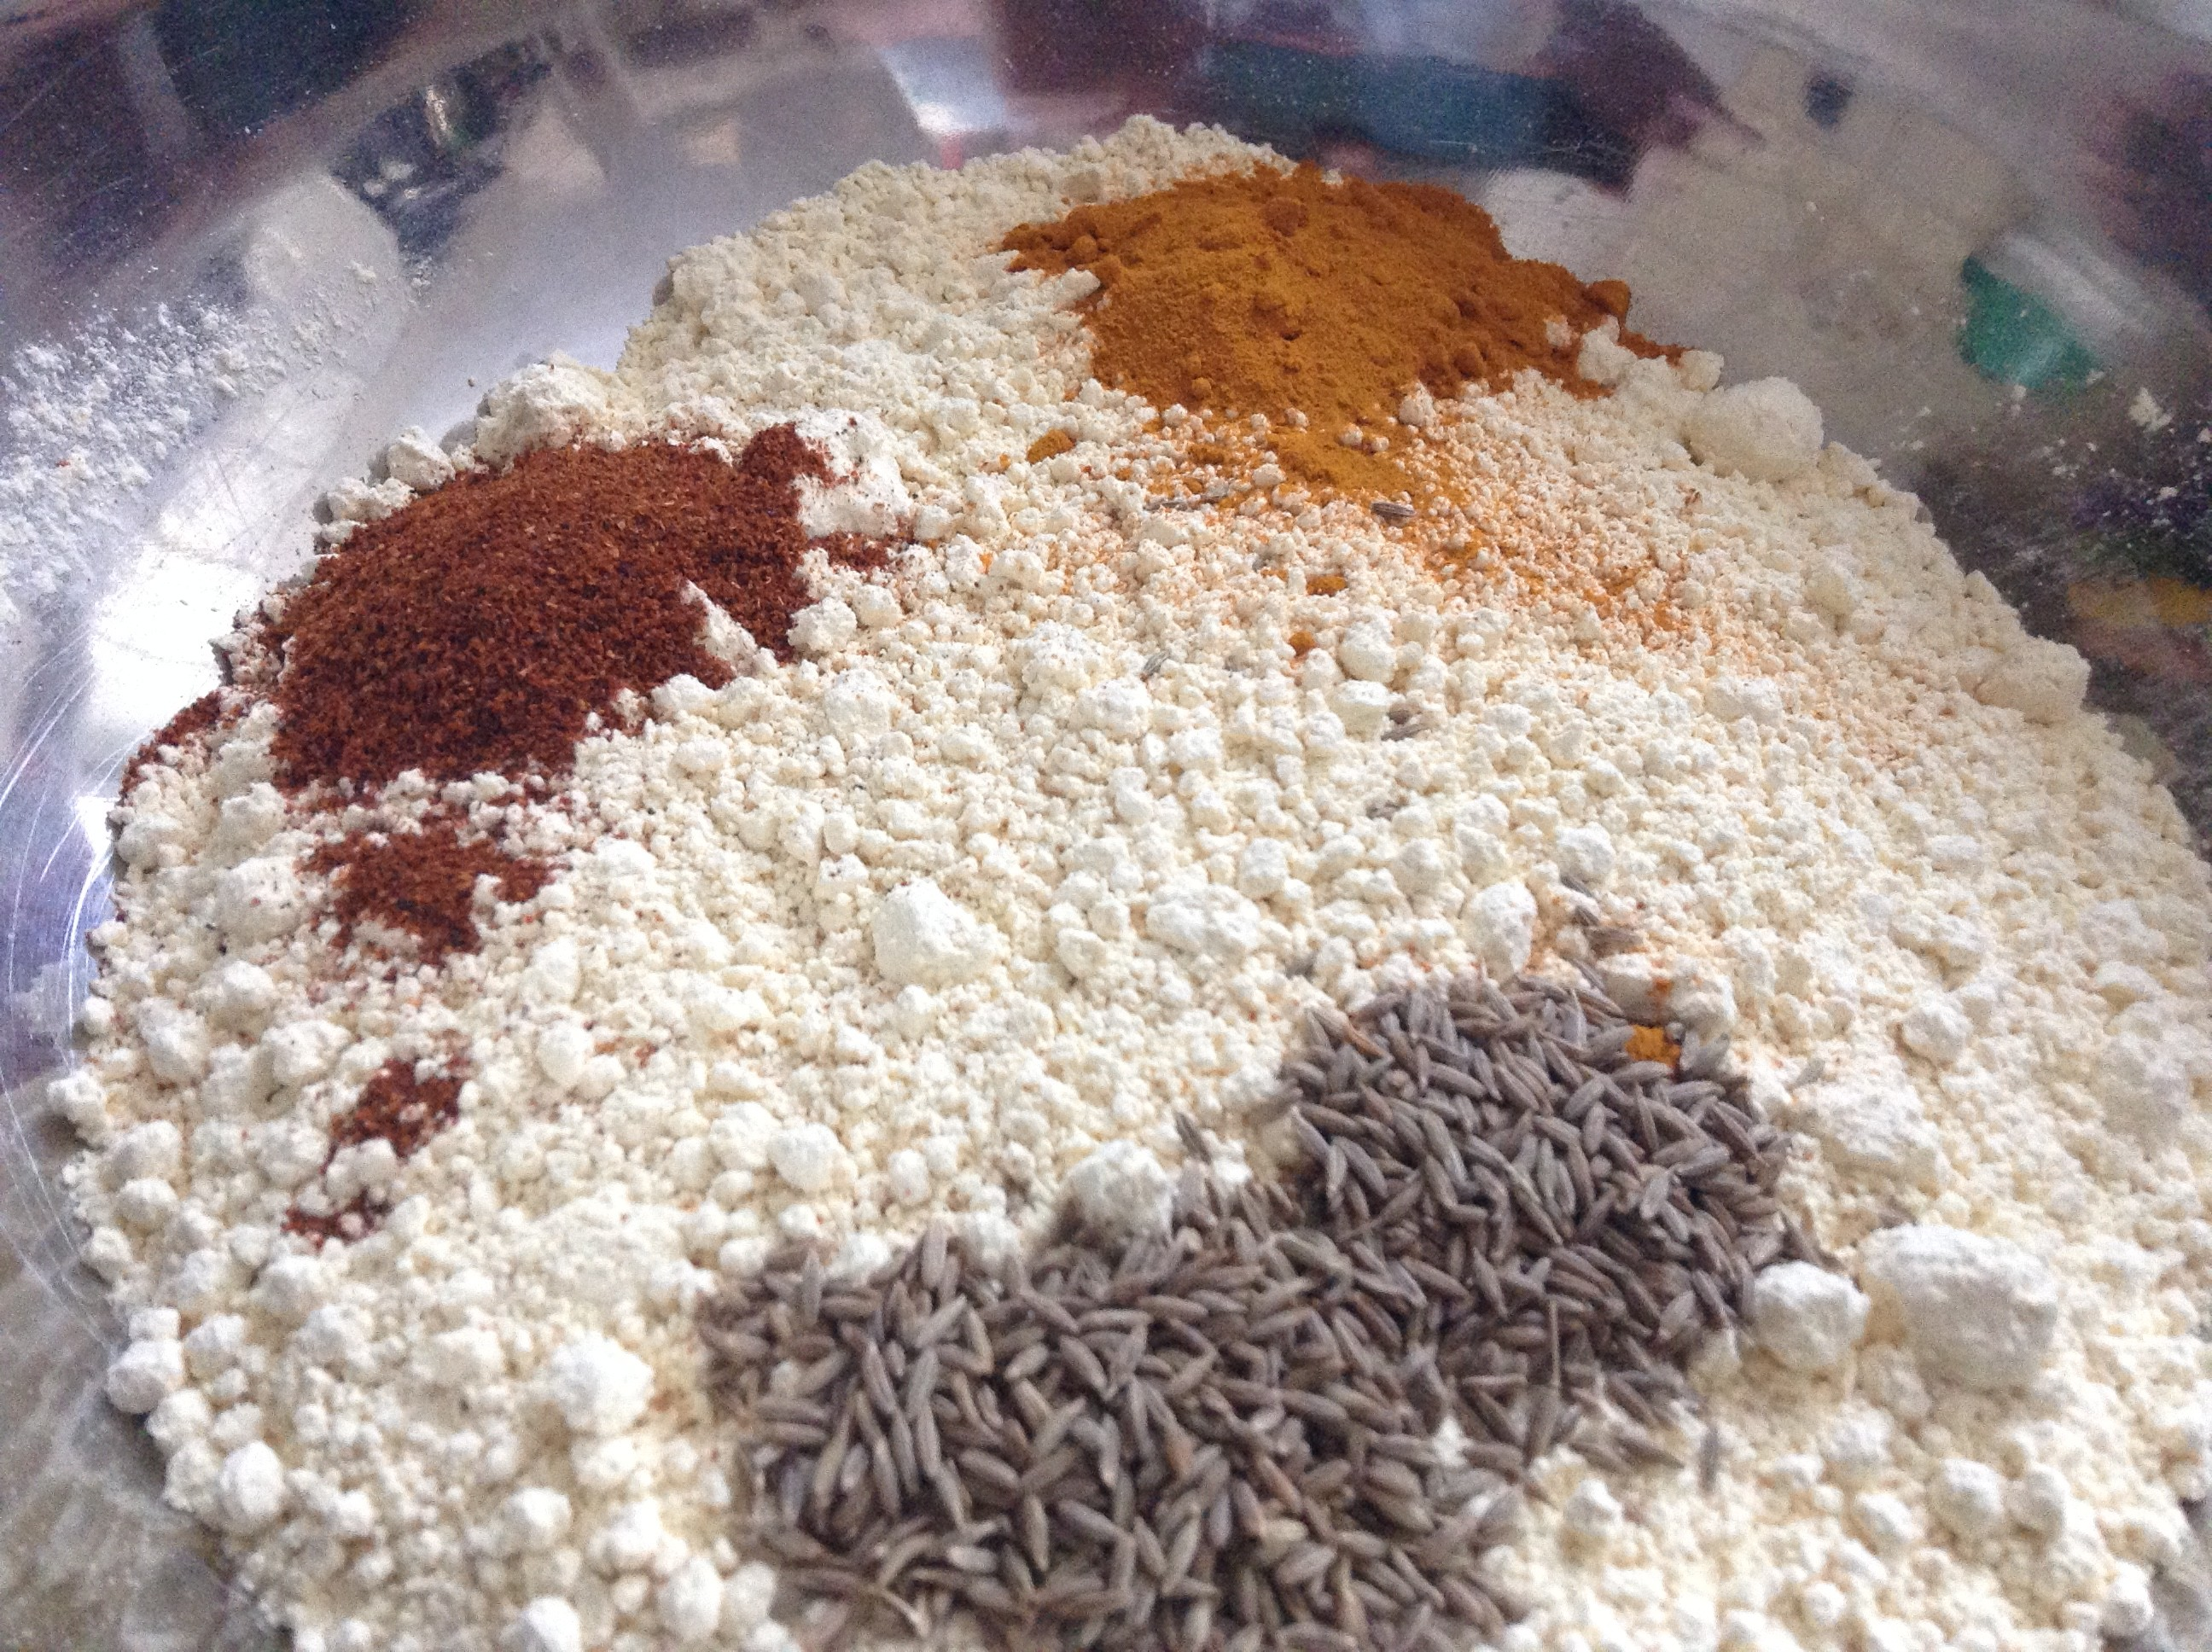 Bhaji dry mixture